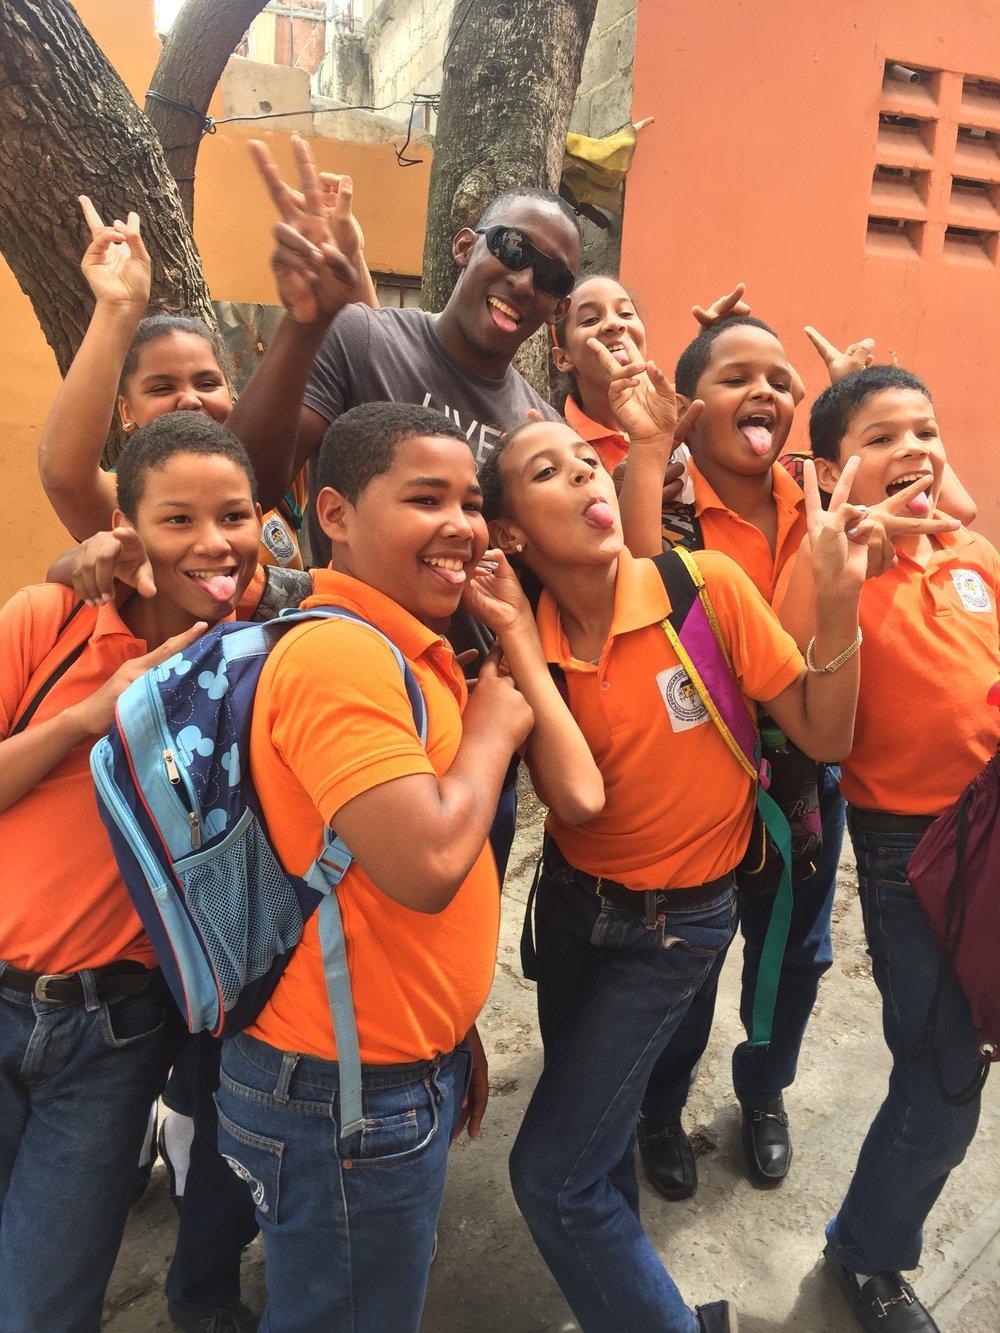 Afternoon students at Hogar de Ninos Tia Tatiana